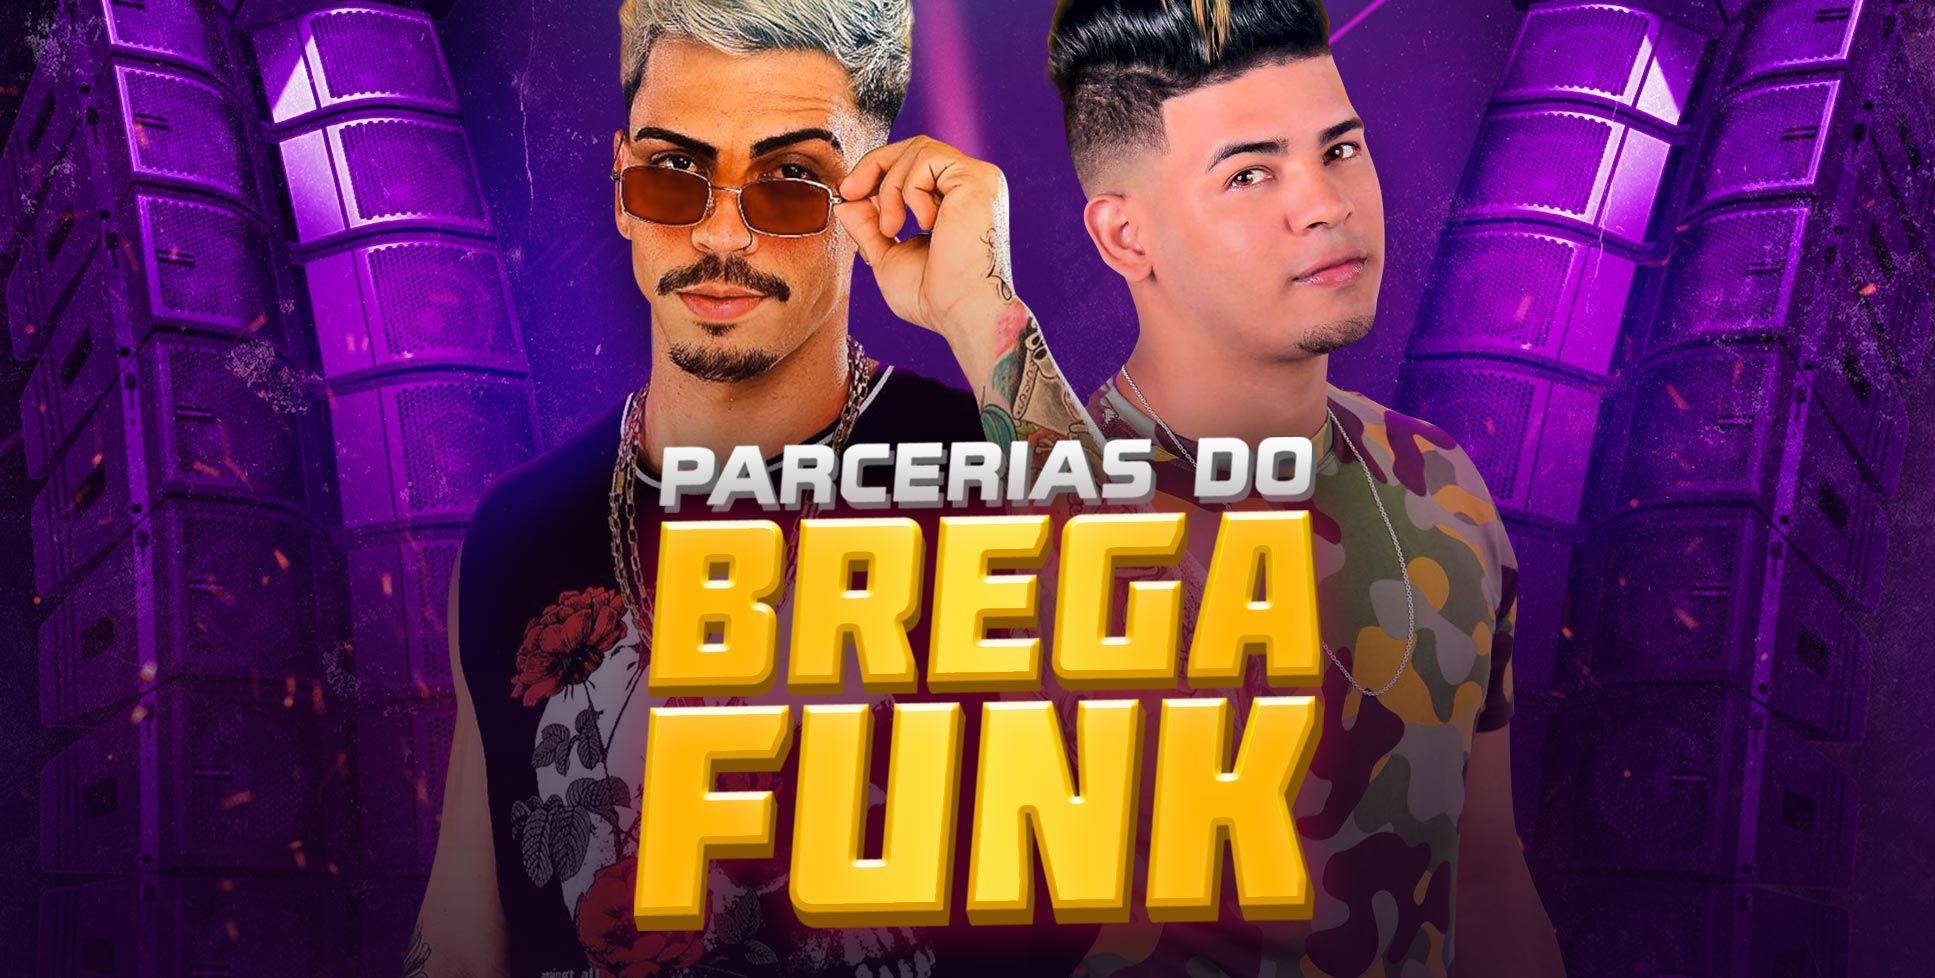 Parcerias do brega funk reúne feats